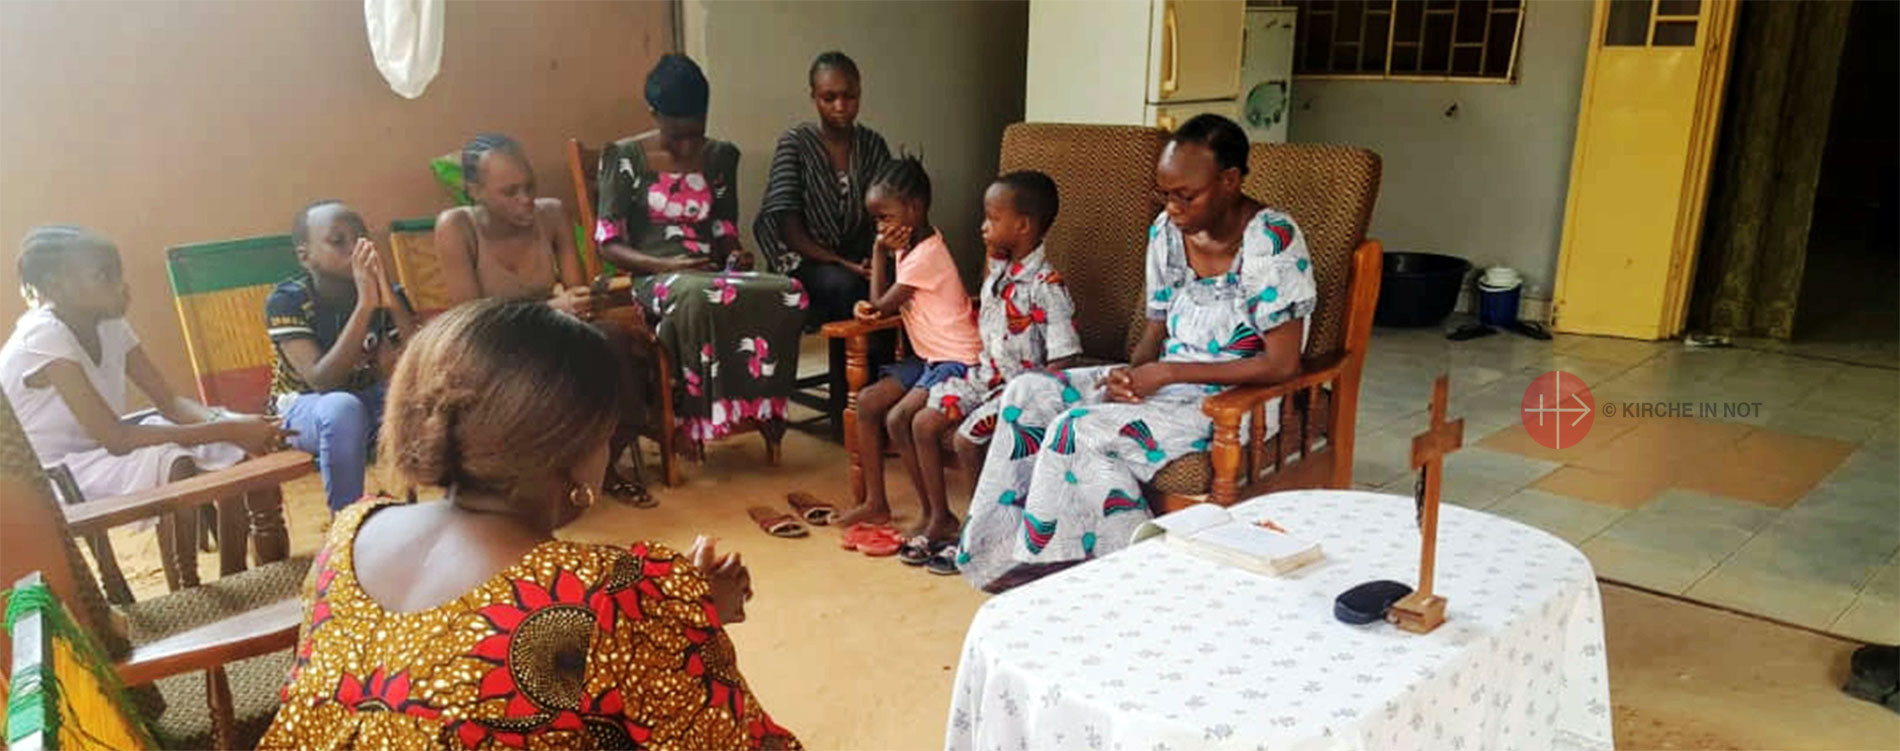 Eine Familie aus Niger beim Gebet.